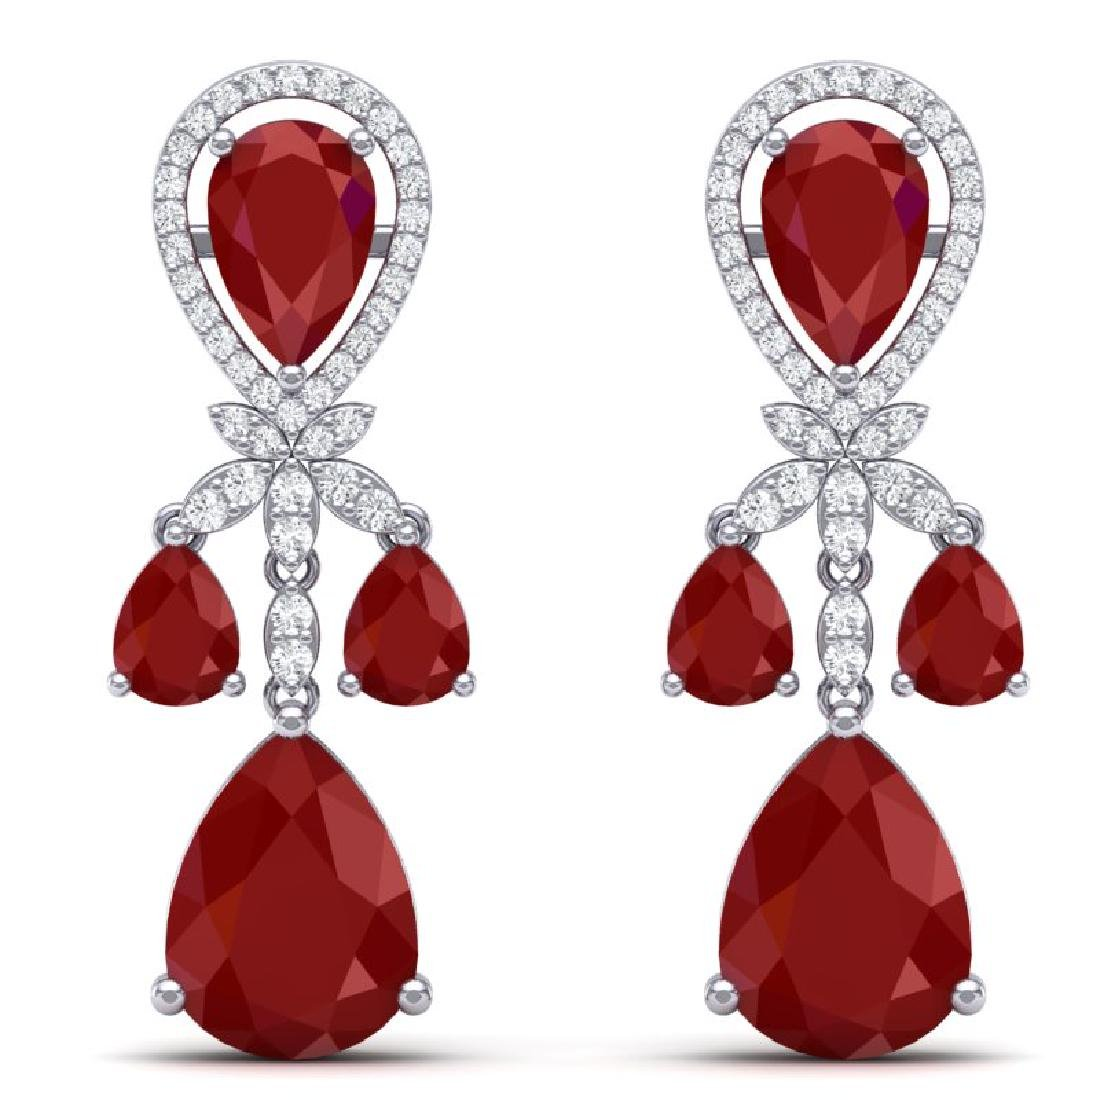 38.29 CTW Royalty Designer Ruby & VS Diamond Earrings